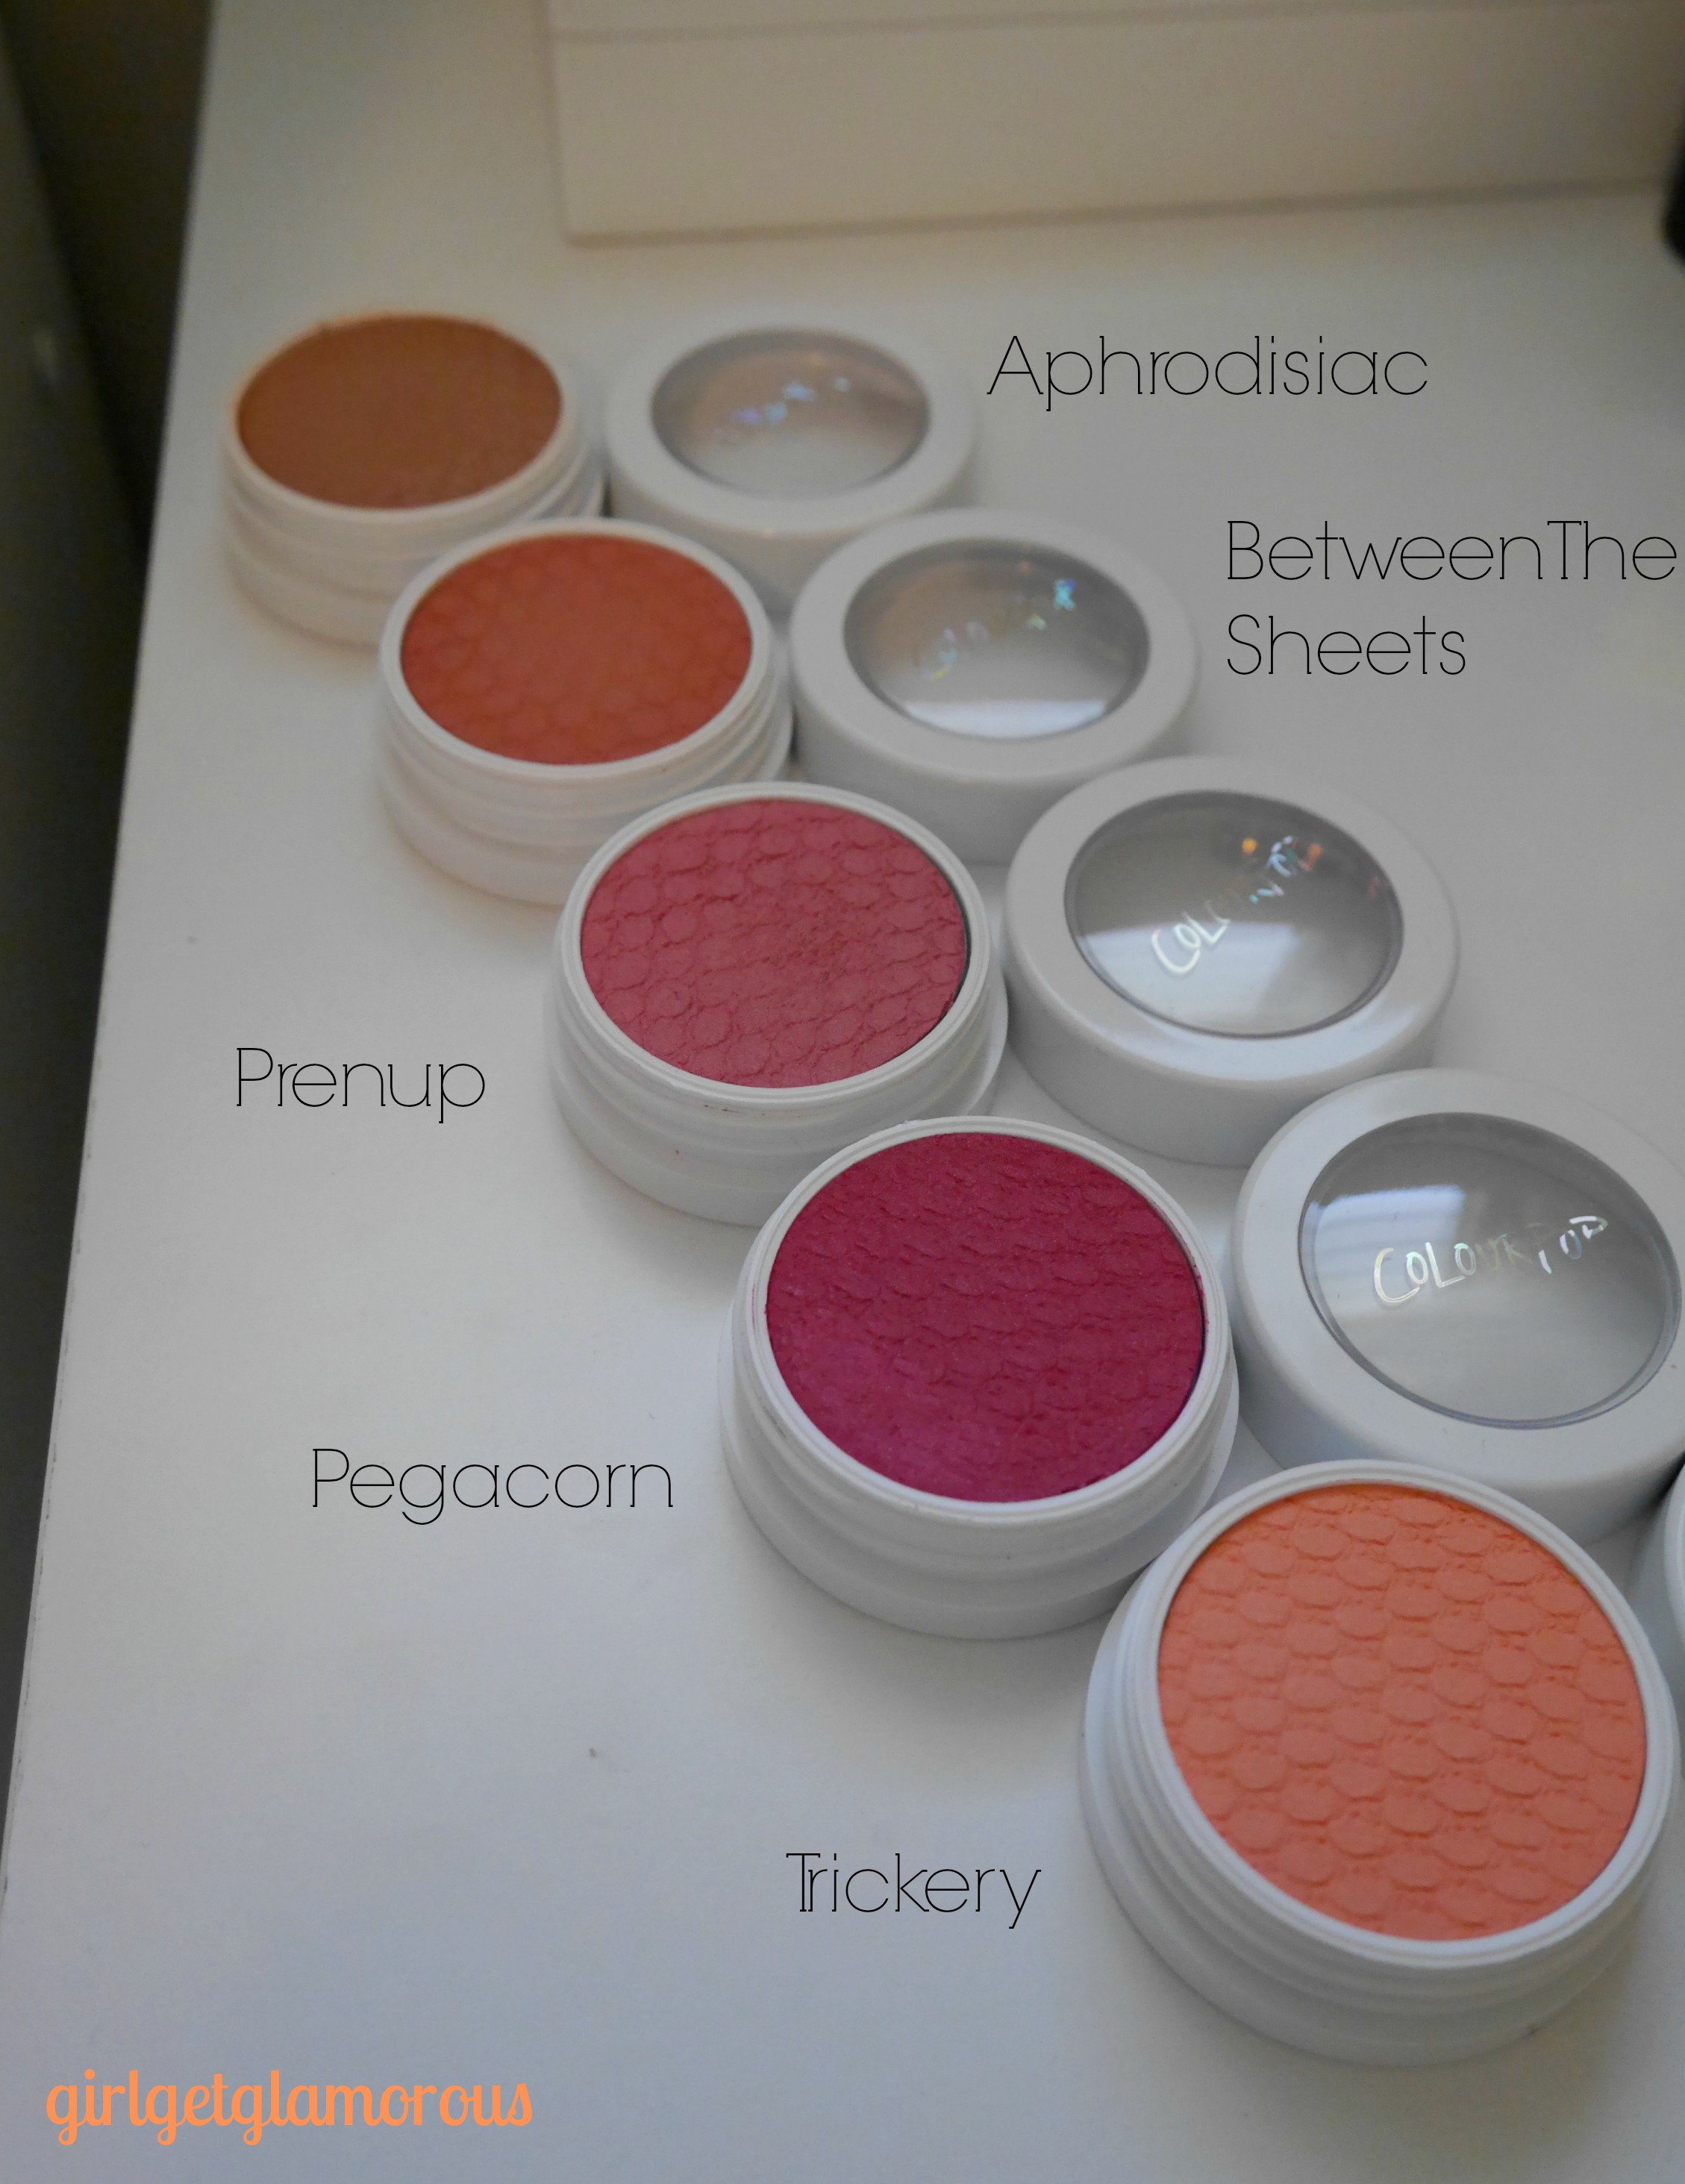 ColourPop Super Shock Cheeks Cream Blush: Swatches